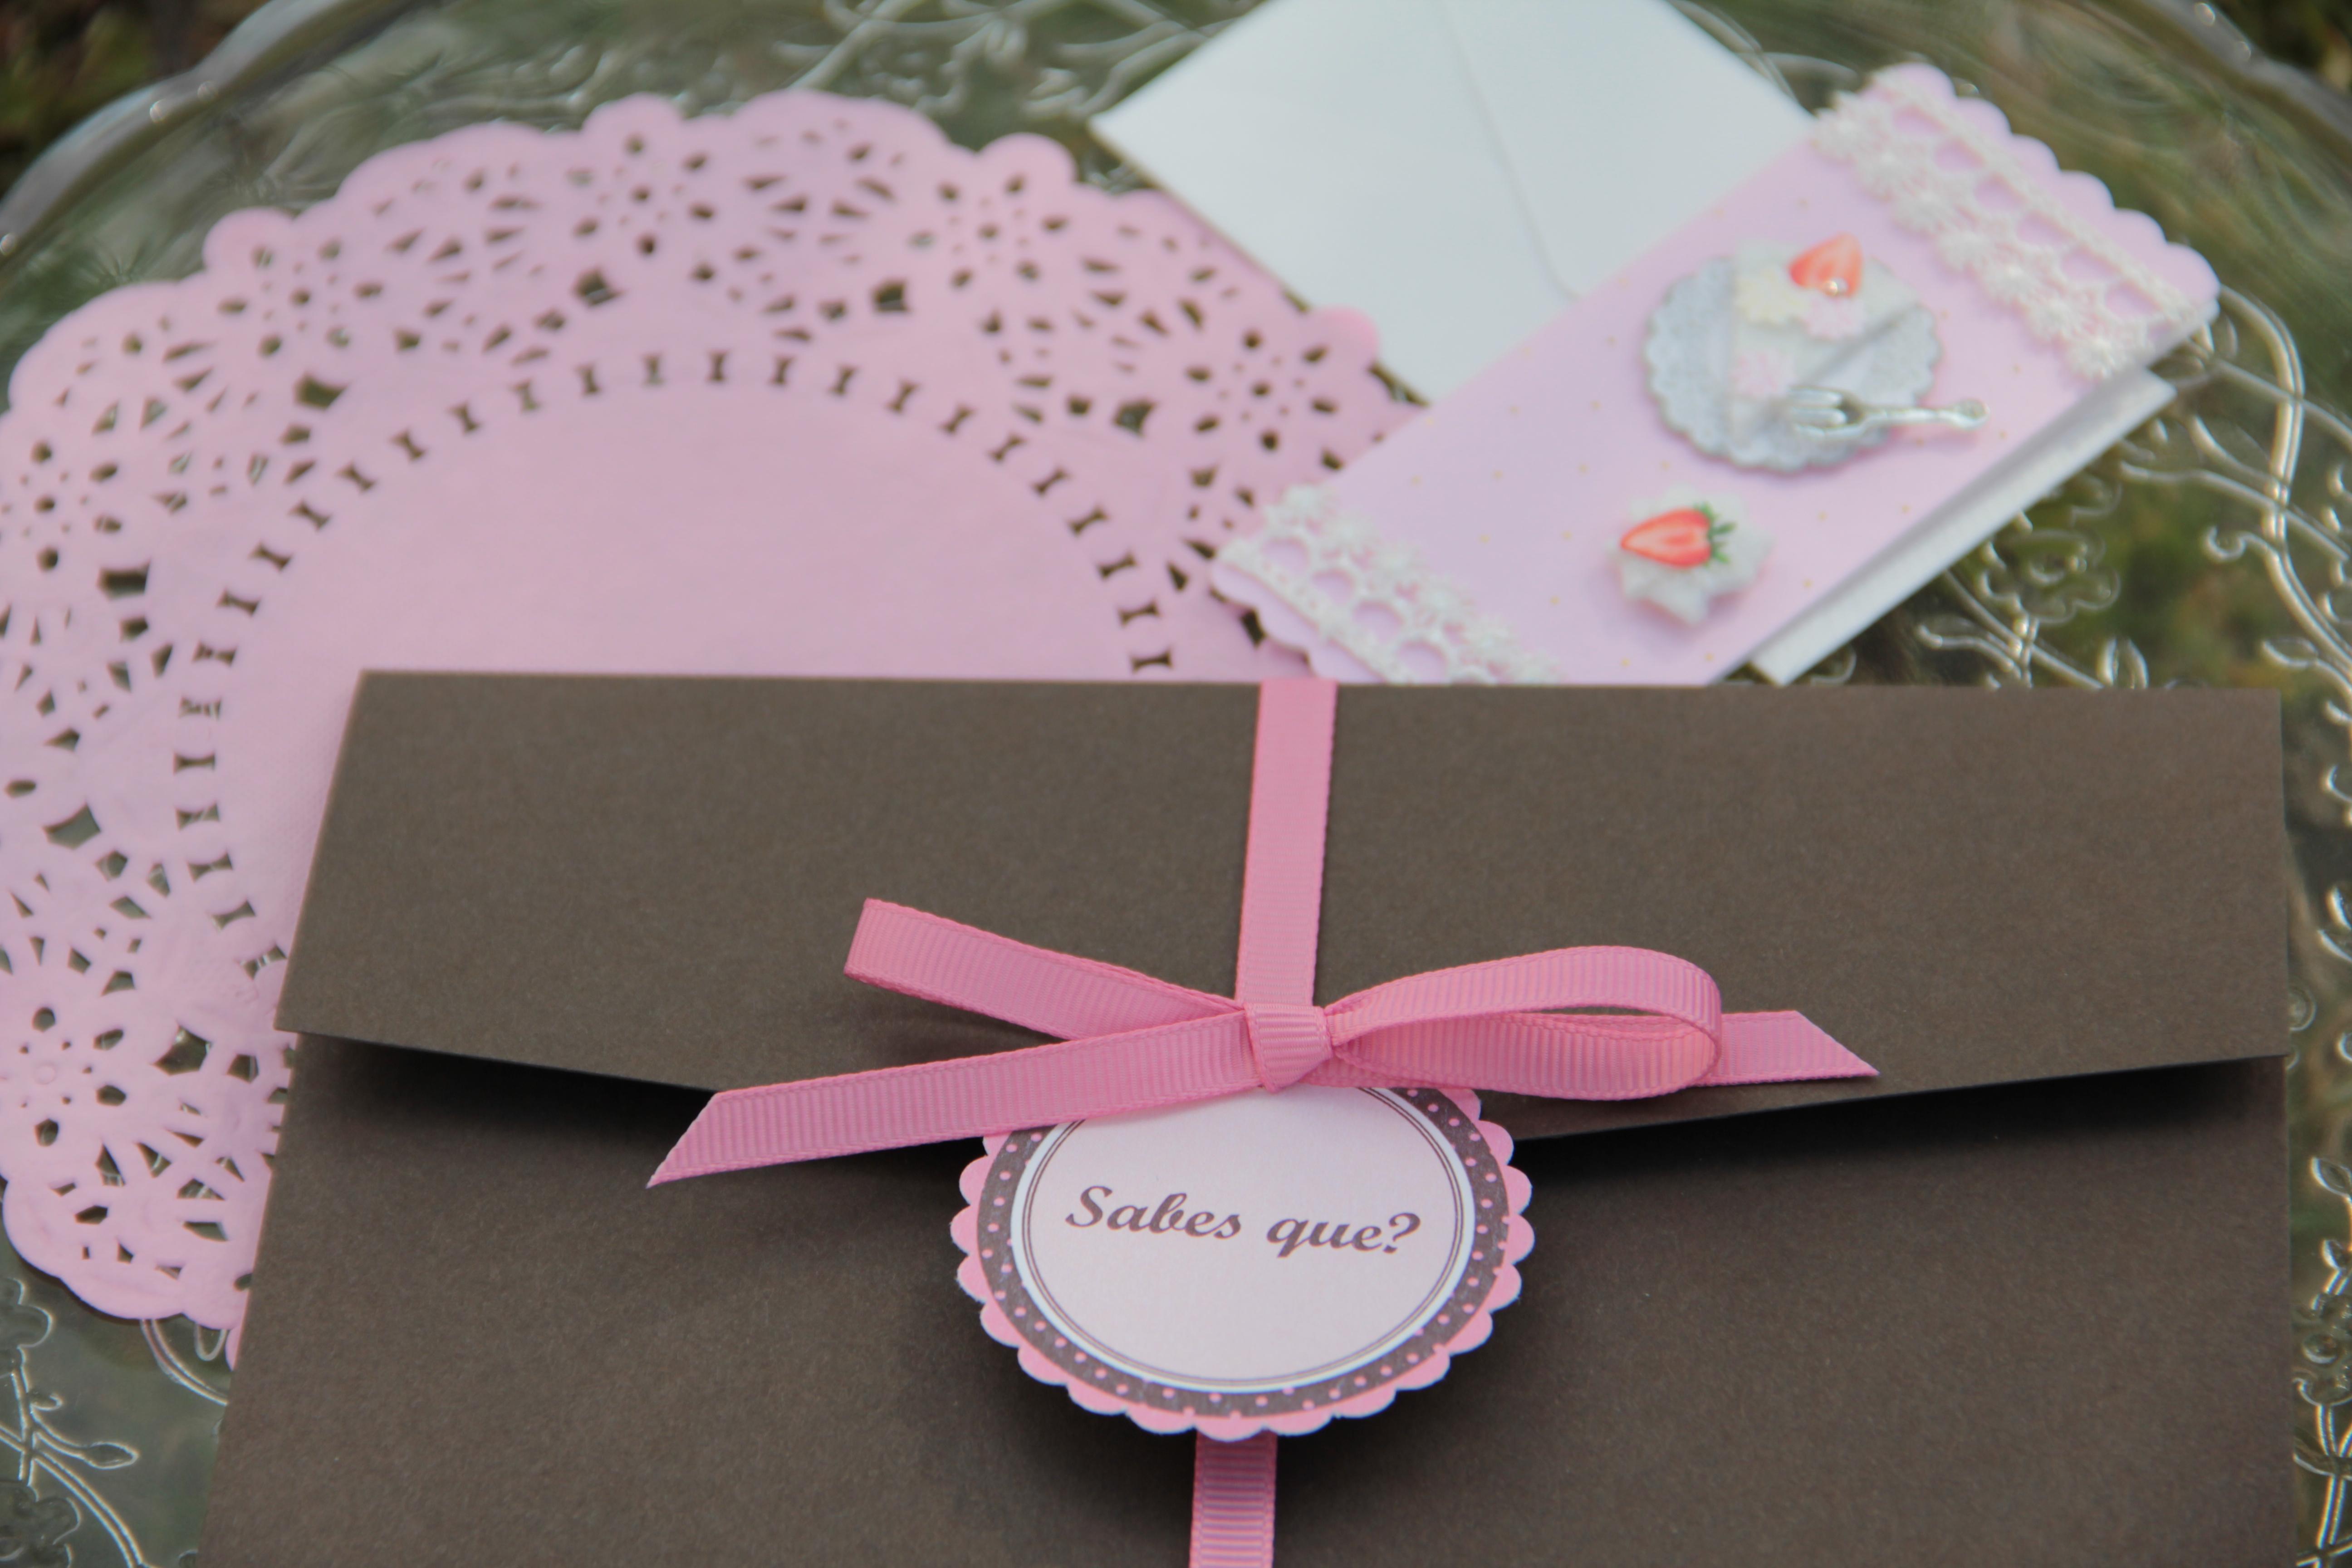 Details invitaciones envidien mi boda - Como preparar mi boda ...